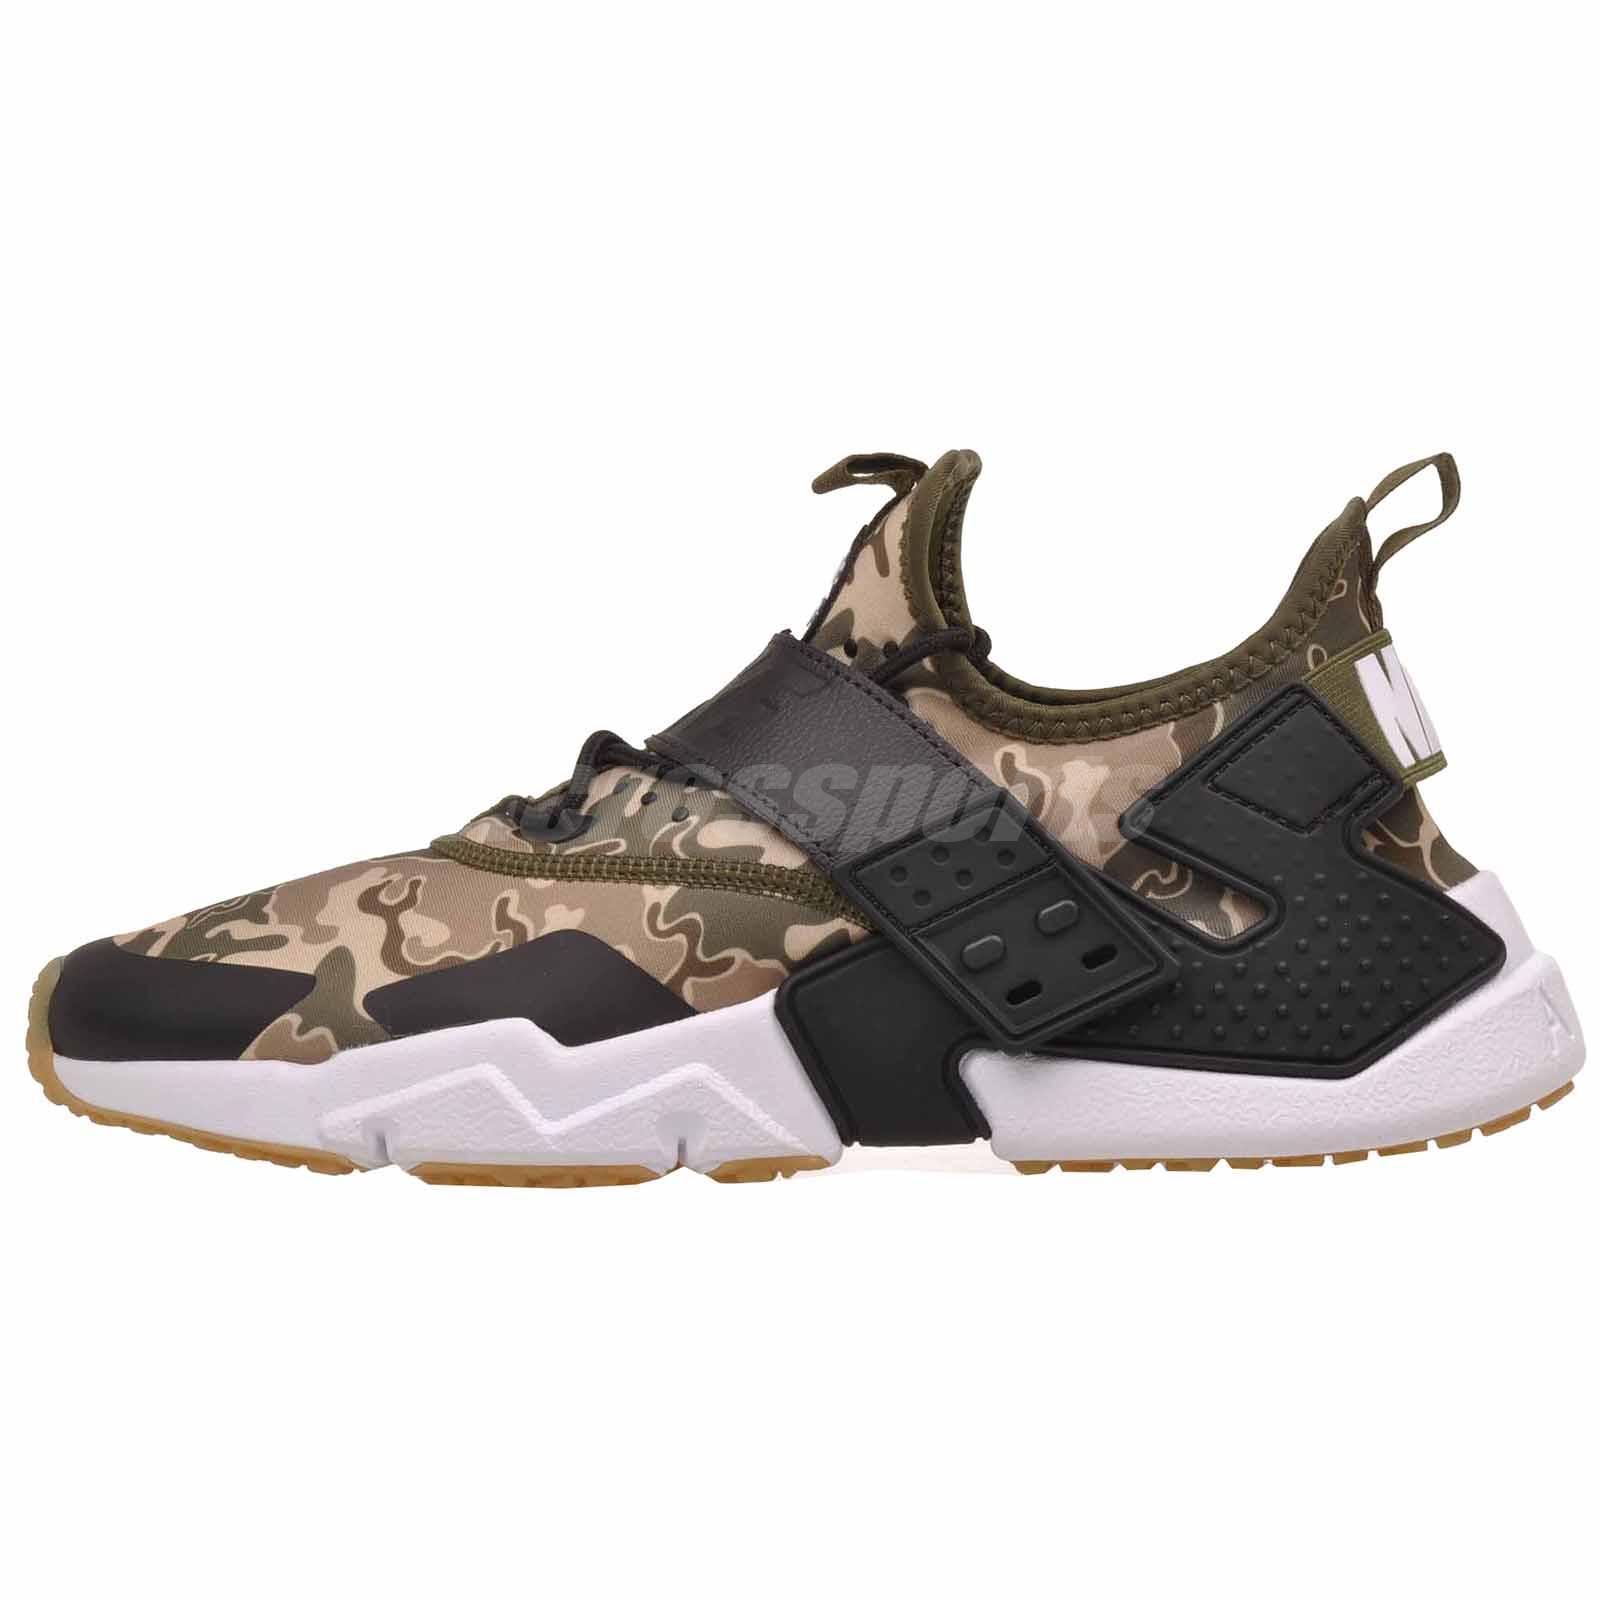 d9ca1b04c7c43 Nike Air Huarache Drift PRM Mens Running Shoes Olive Canvas AH7335-301